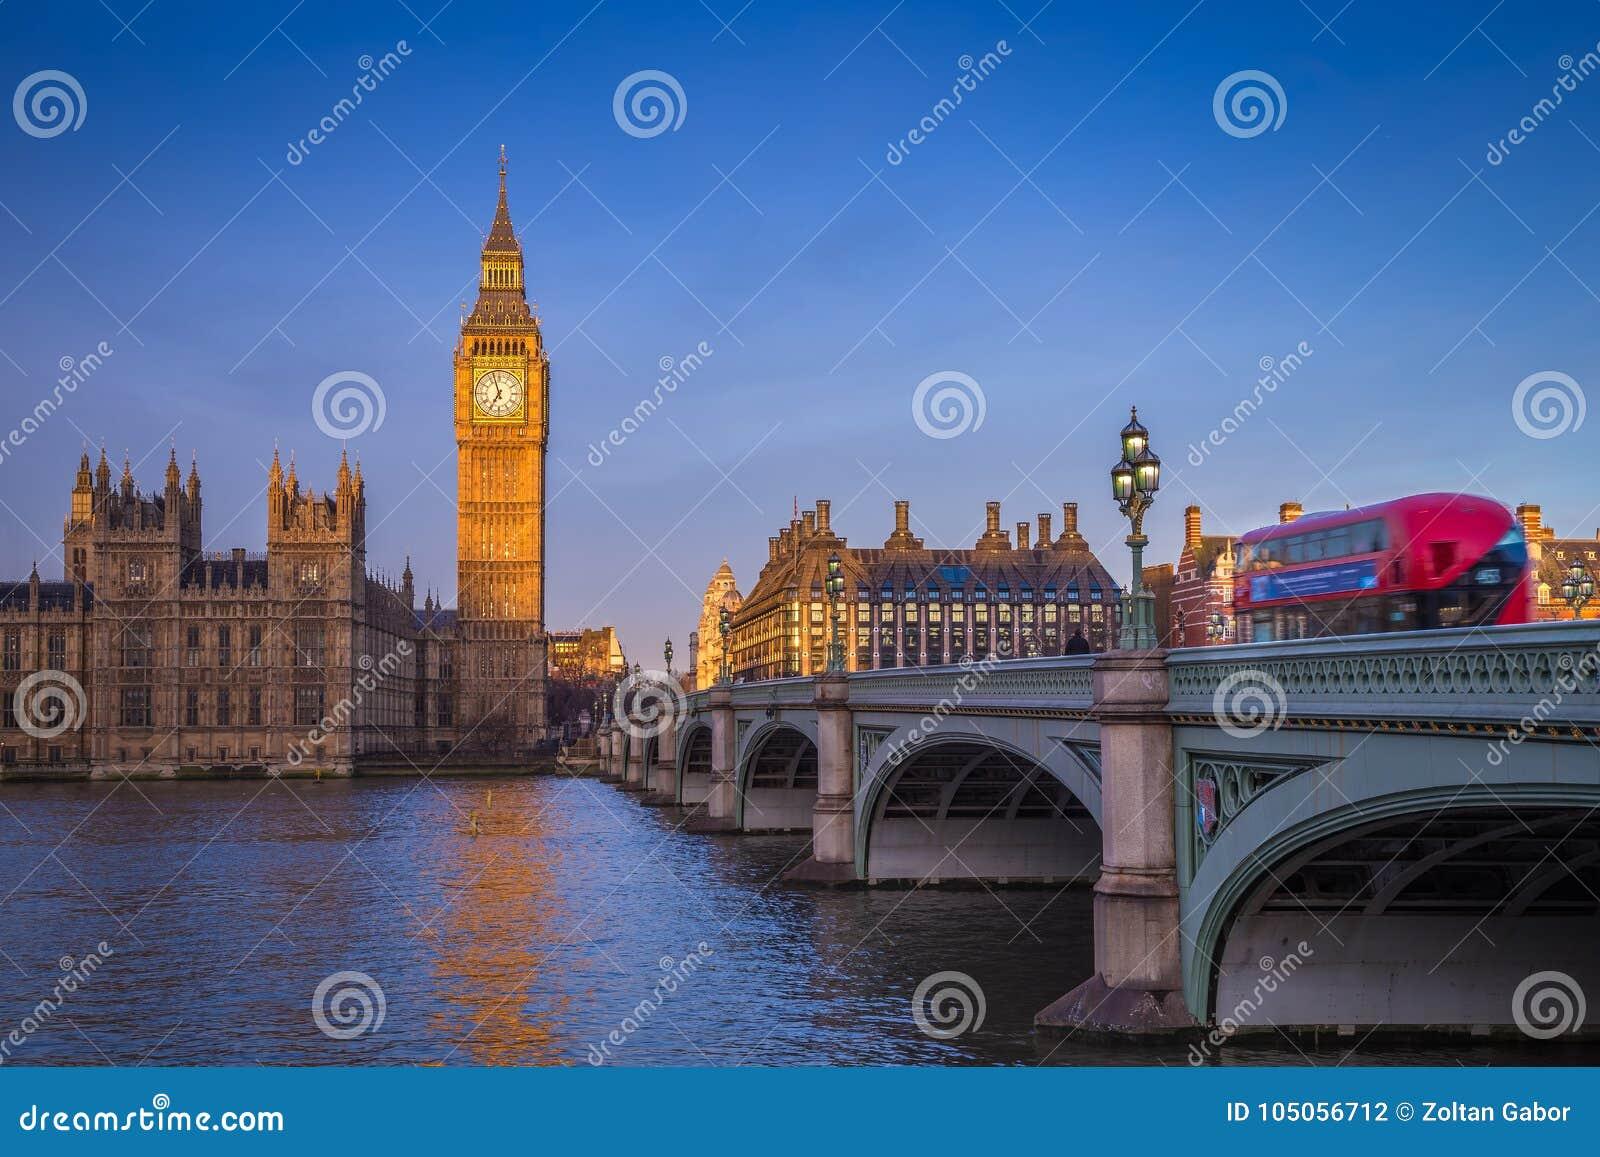 London, England - ikonenhafte Big Ben mit Parlamentsgebäuden und traditionellem rotem Doppeldeckerbus